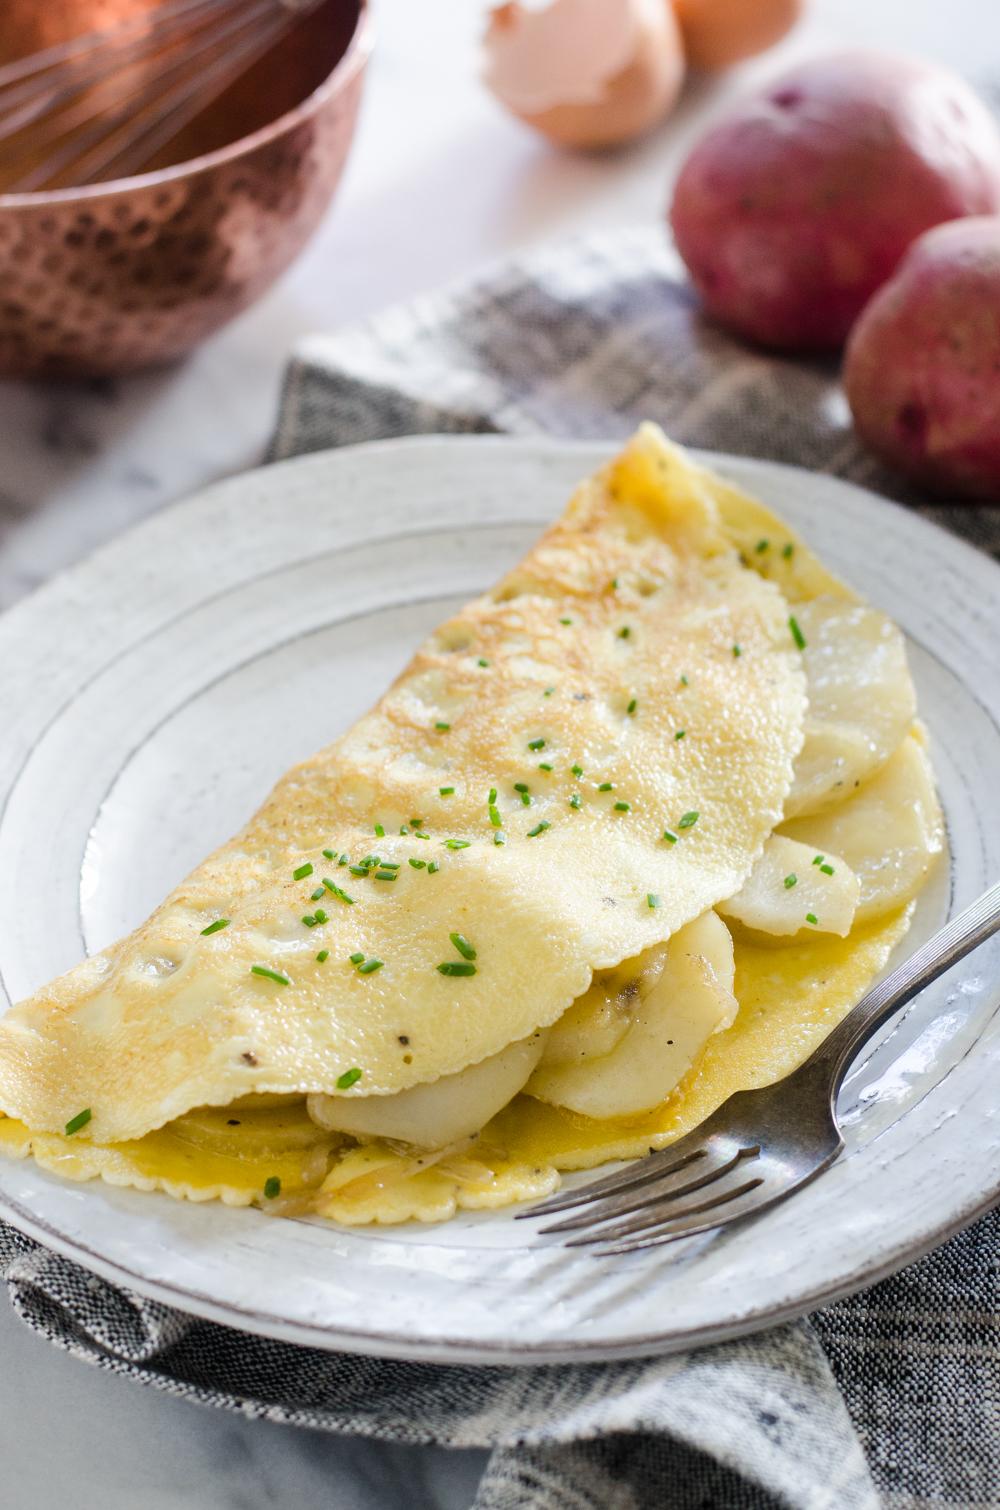 Easier Spanish Omelette